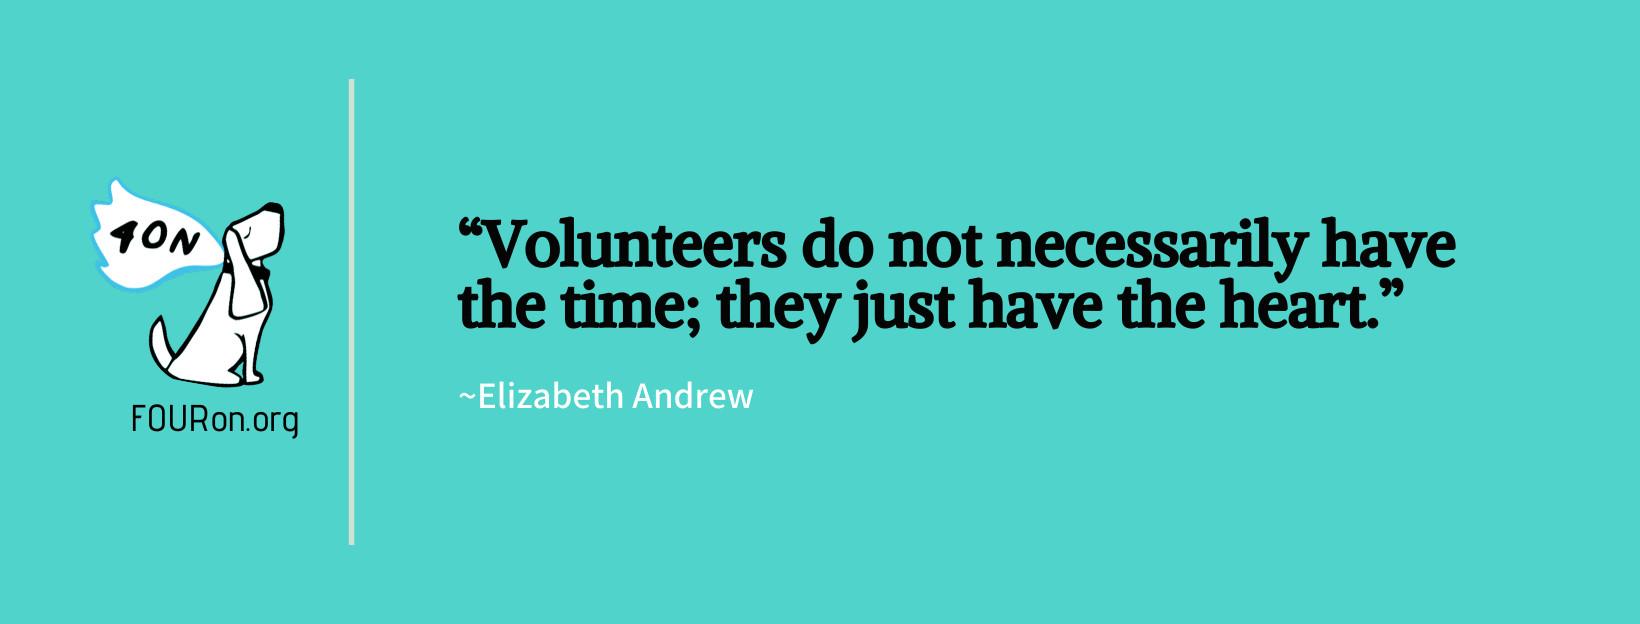 we depend on volunteers